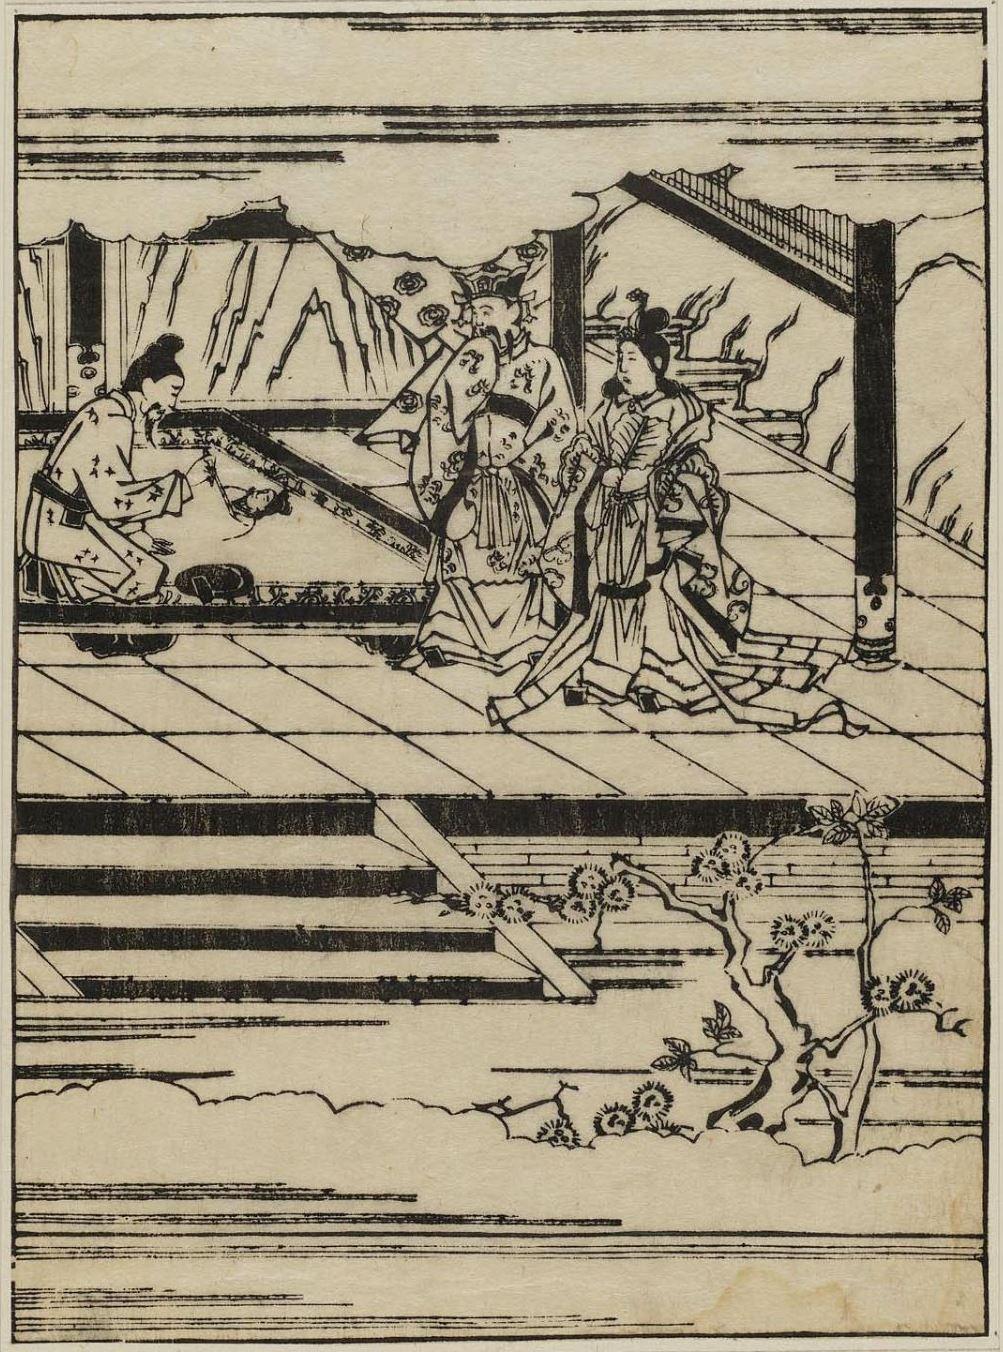 Моронобу Хисикава. Художник пишет портрет императора и знаменитой красавицы Ван Чао Чин. 1680-1690-е.